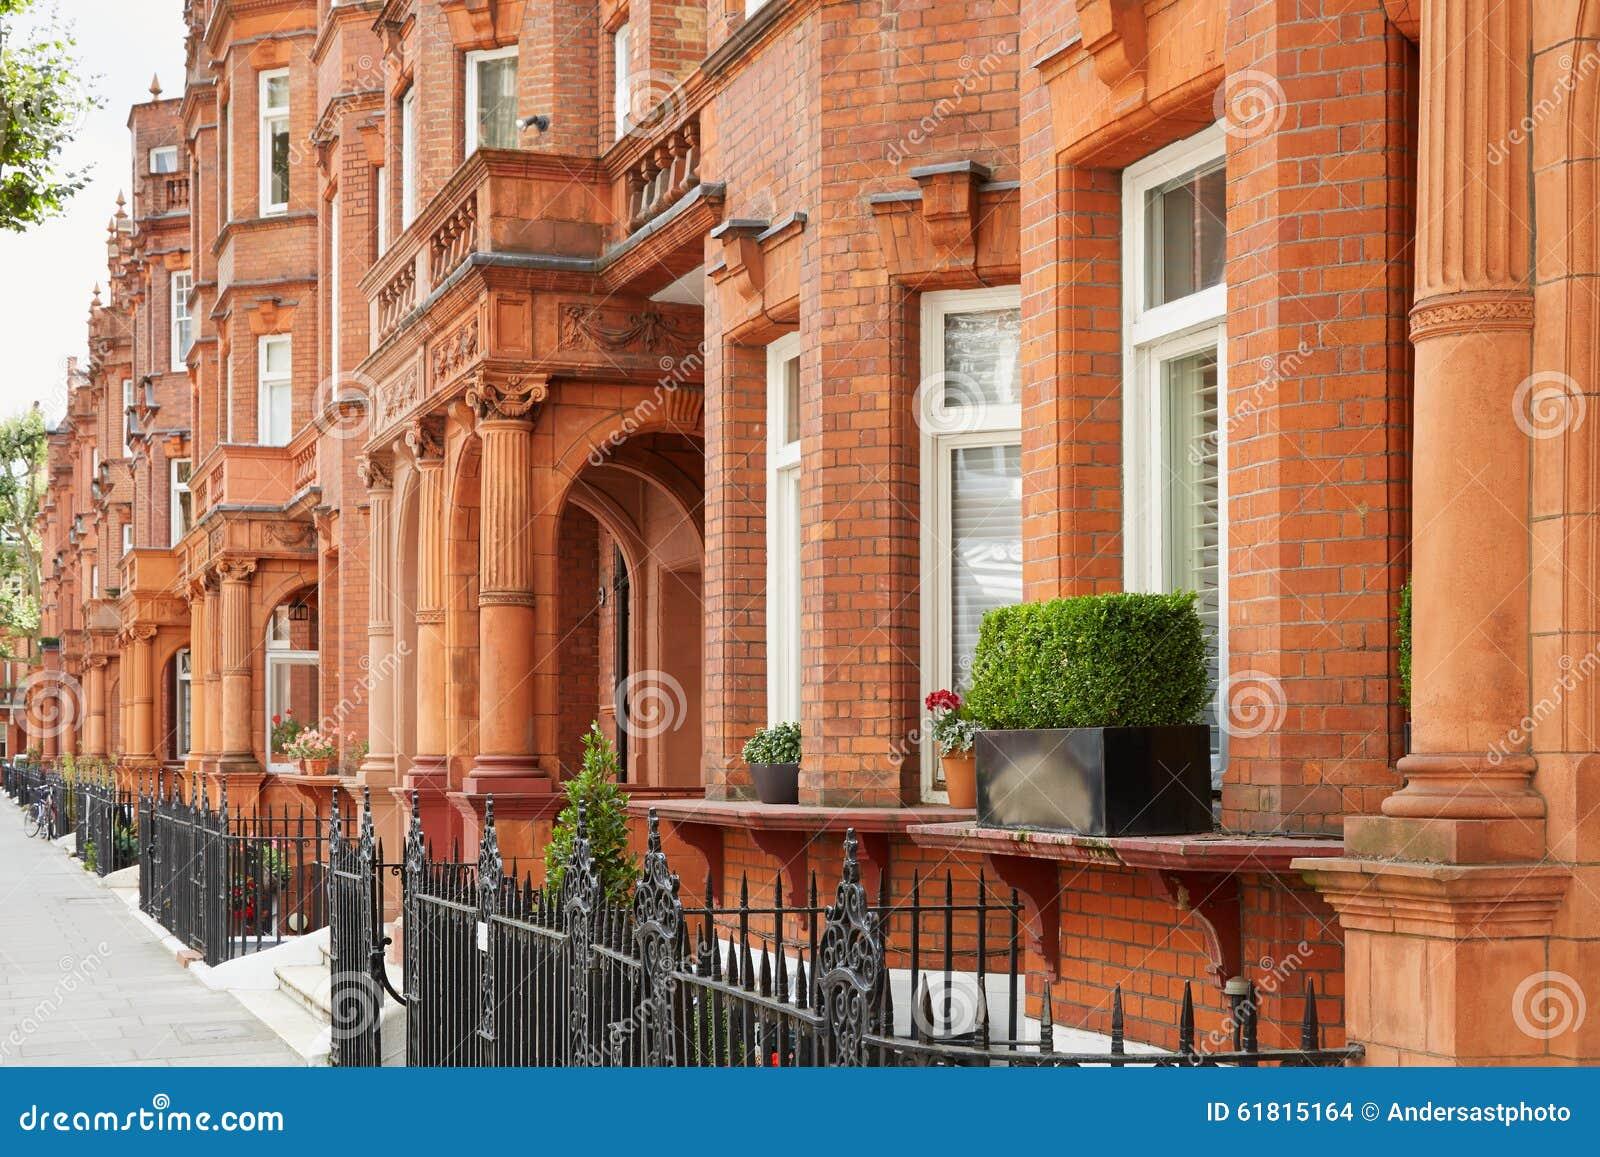 Case dei mattoni rossi a londra architettura inglese for Architettura case